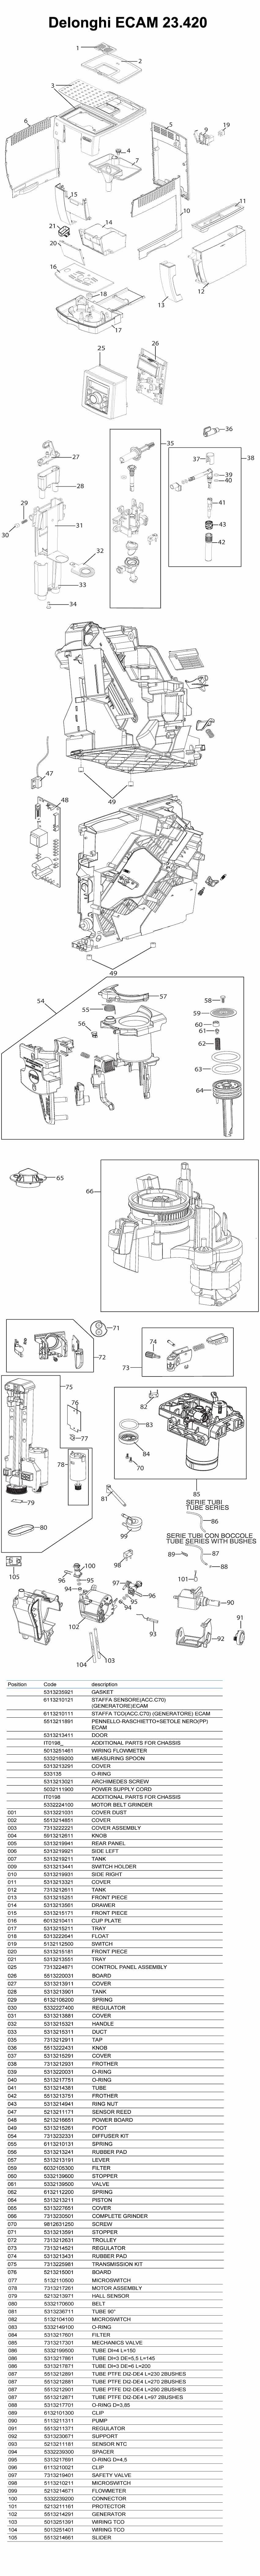 Delonghi Magnifica Parts Diagram Delonghi Ecam 23 420 Spare Parts Of Delonghi Magnifica Parts Diagram